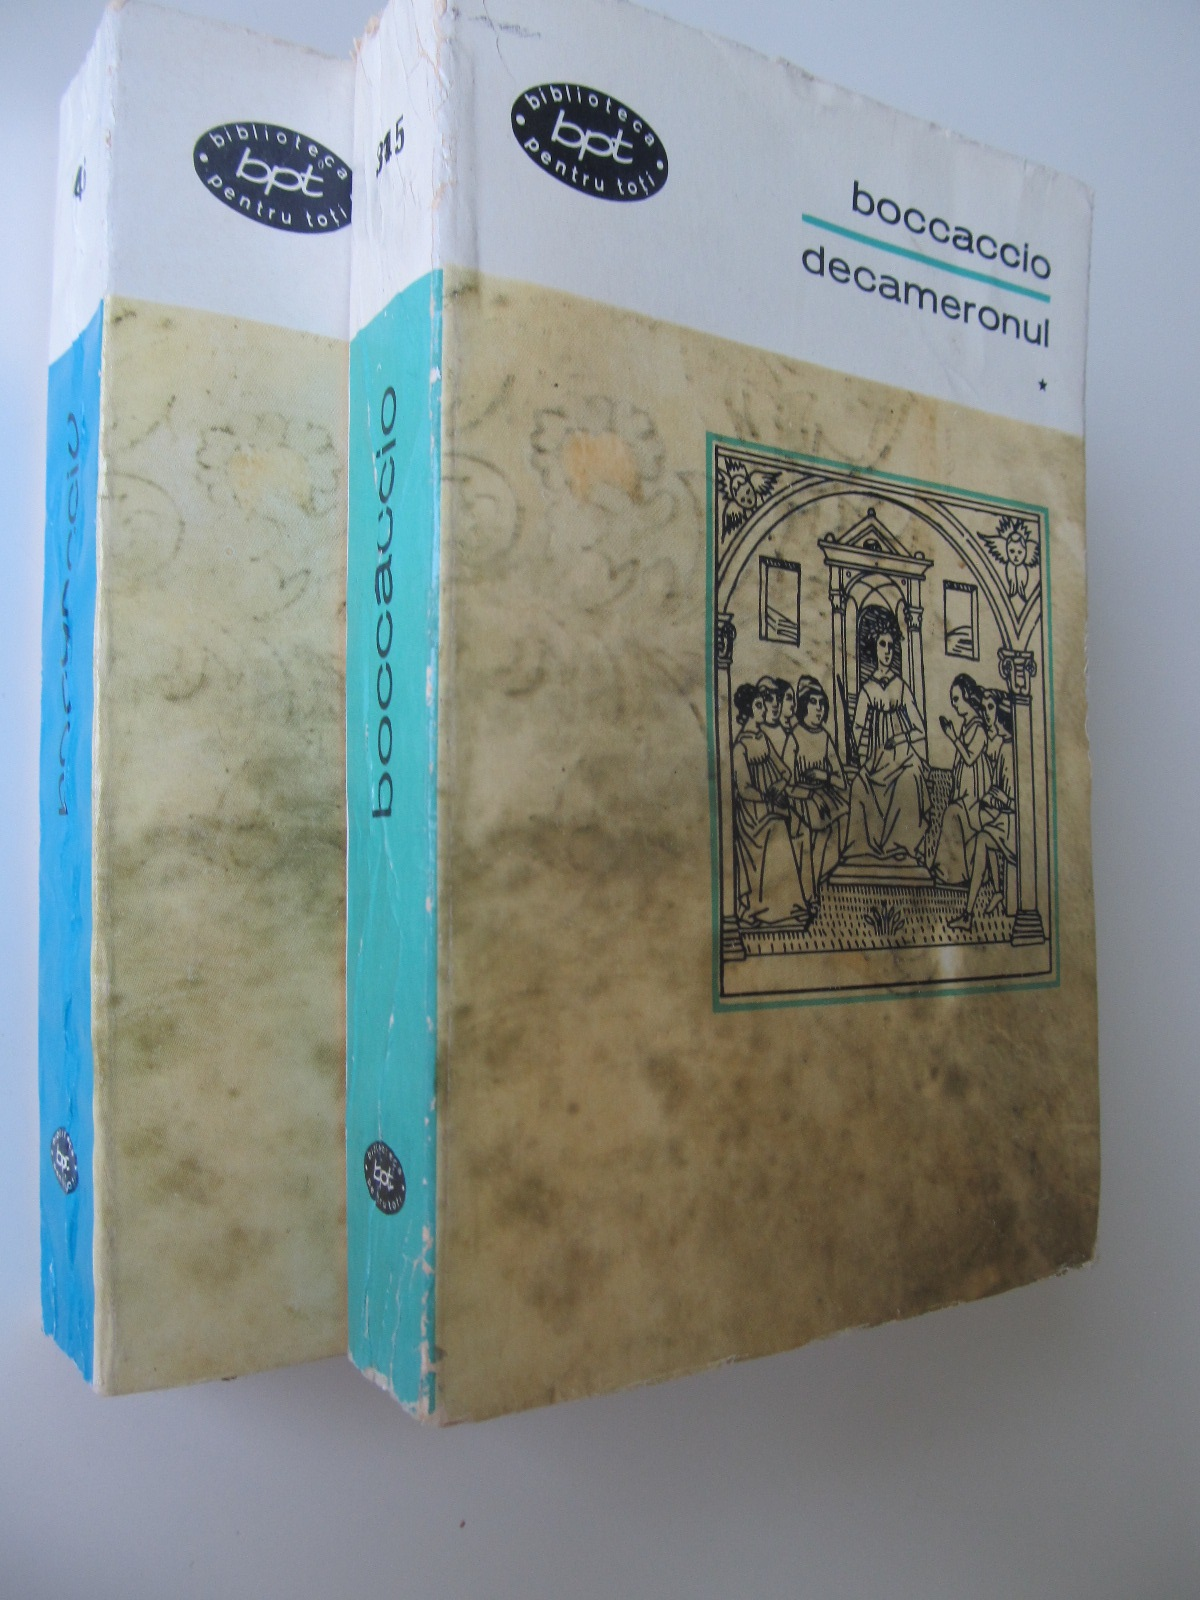 Decameronul (2 vol.) - Boccaccio | Detalii carte